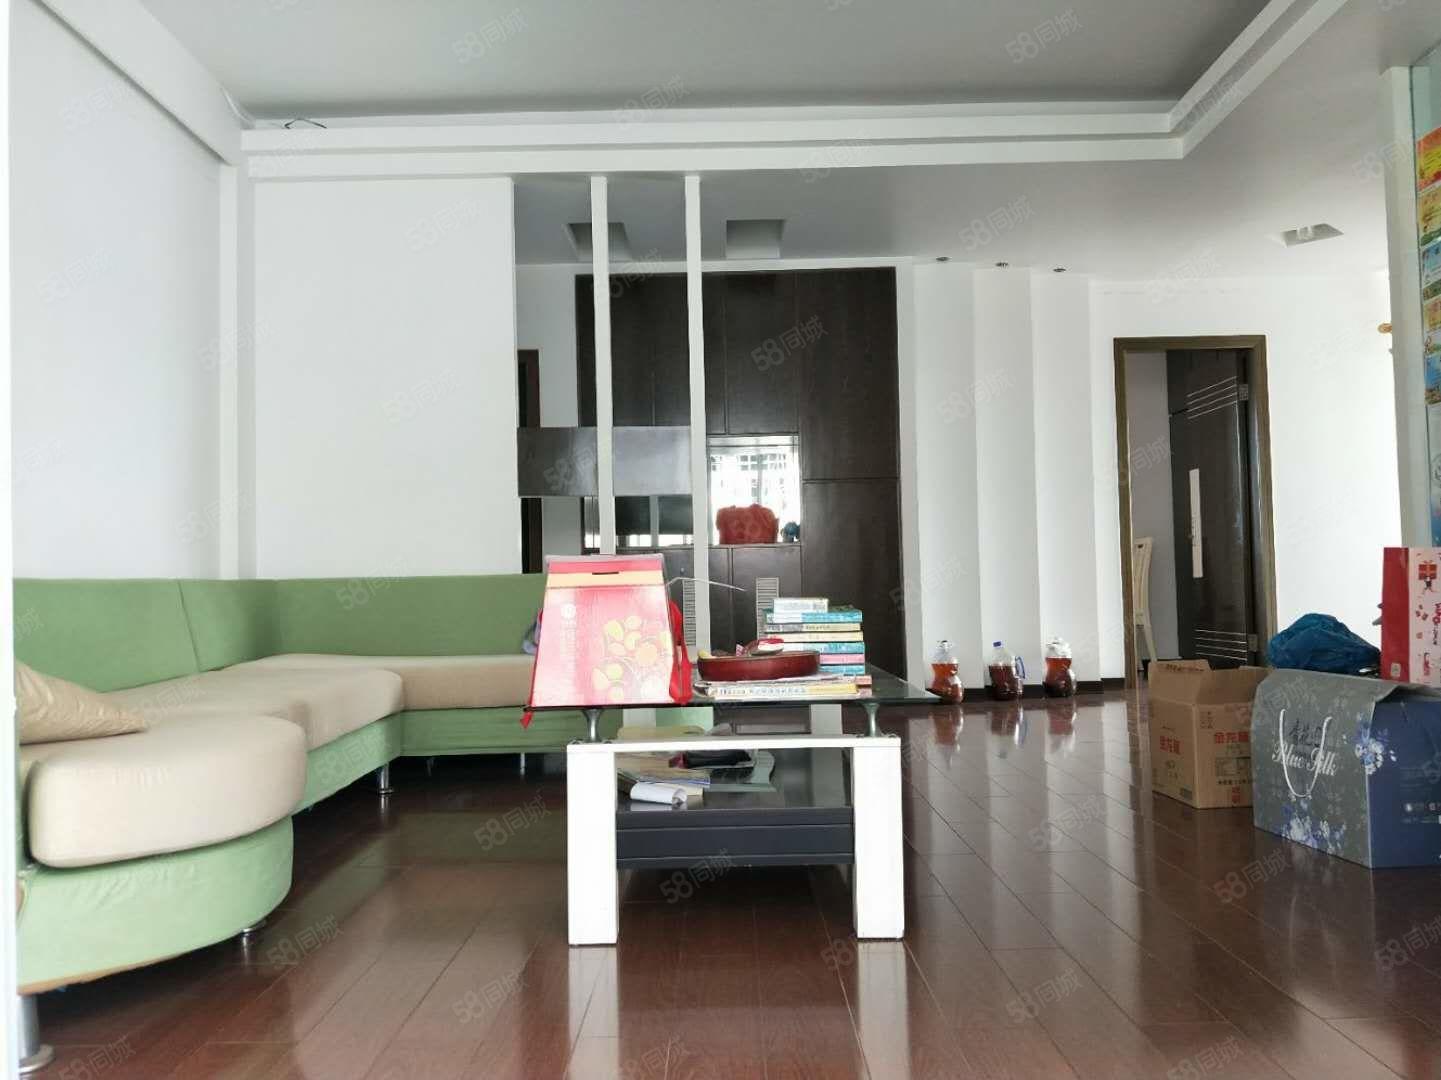 荷园新村3房2厅2卫2阳台超低首付值得拥有急售急售